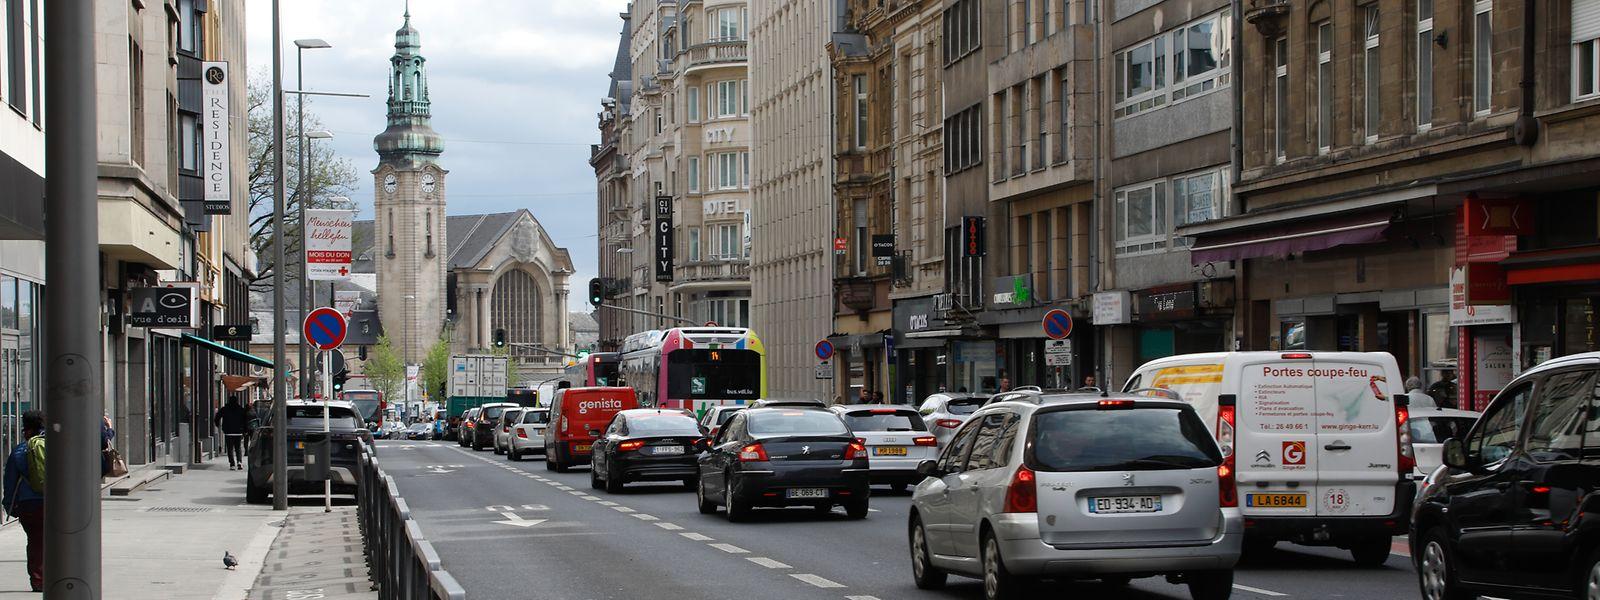 Langsam bahnt die Tram sich ihren Weg zum Hauptbahnhof.